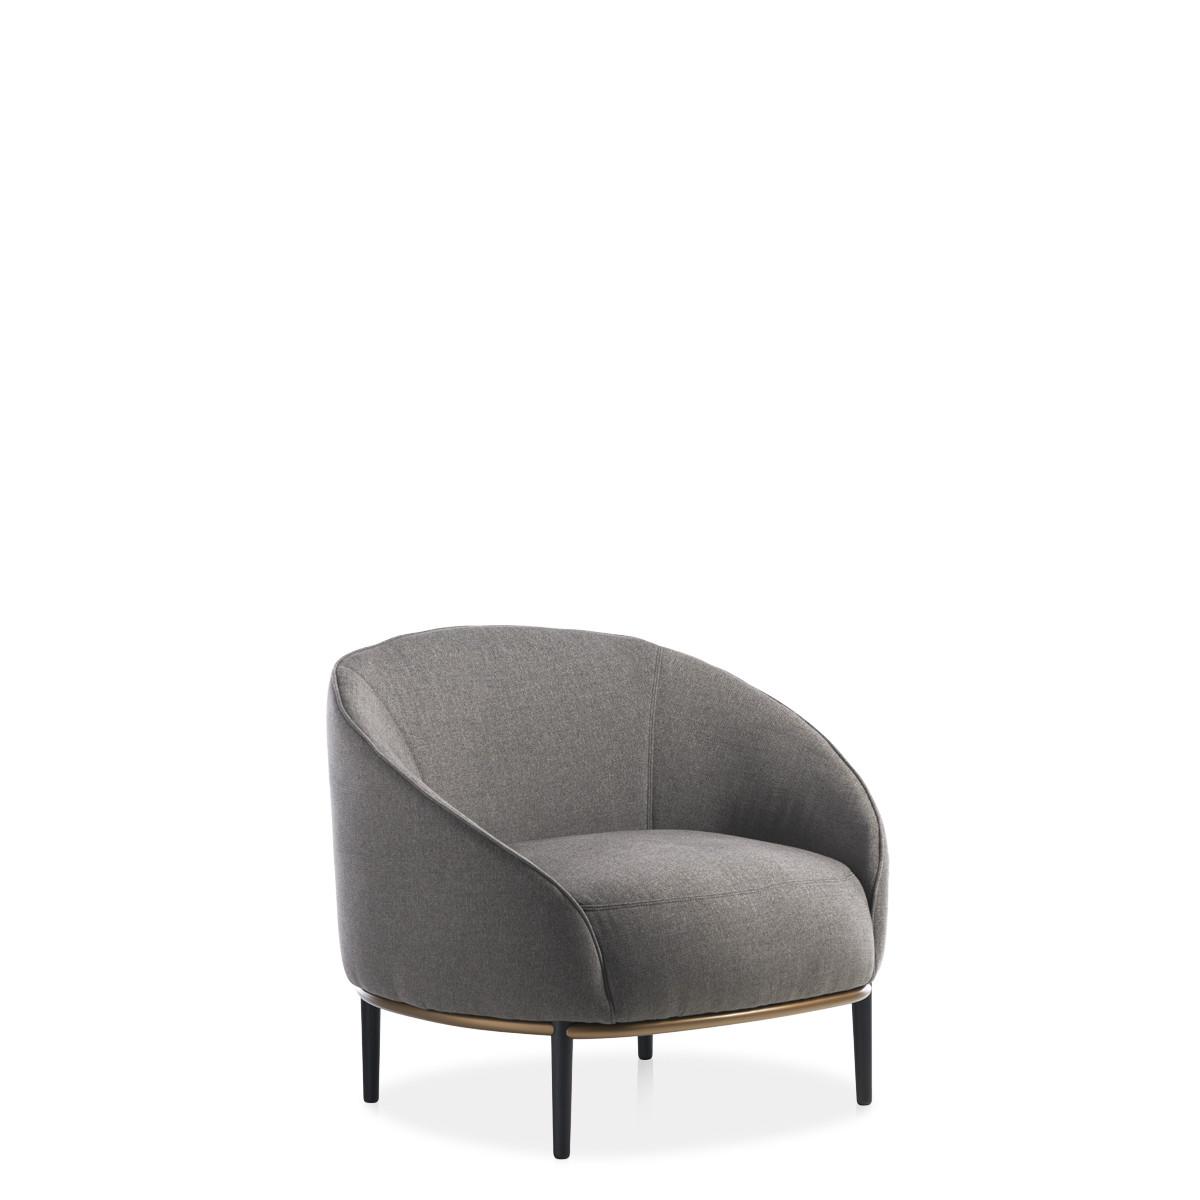 Entdecken Sie bei Conzept Beckord besondere Designmöbel! Hier finden Sie Potocco Sofas und Sessel: Yoisho